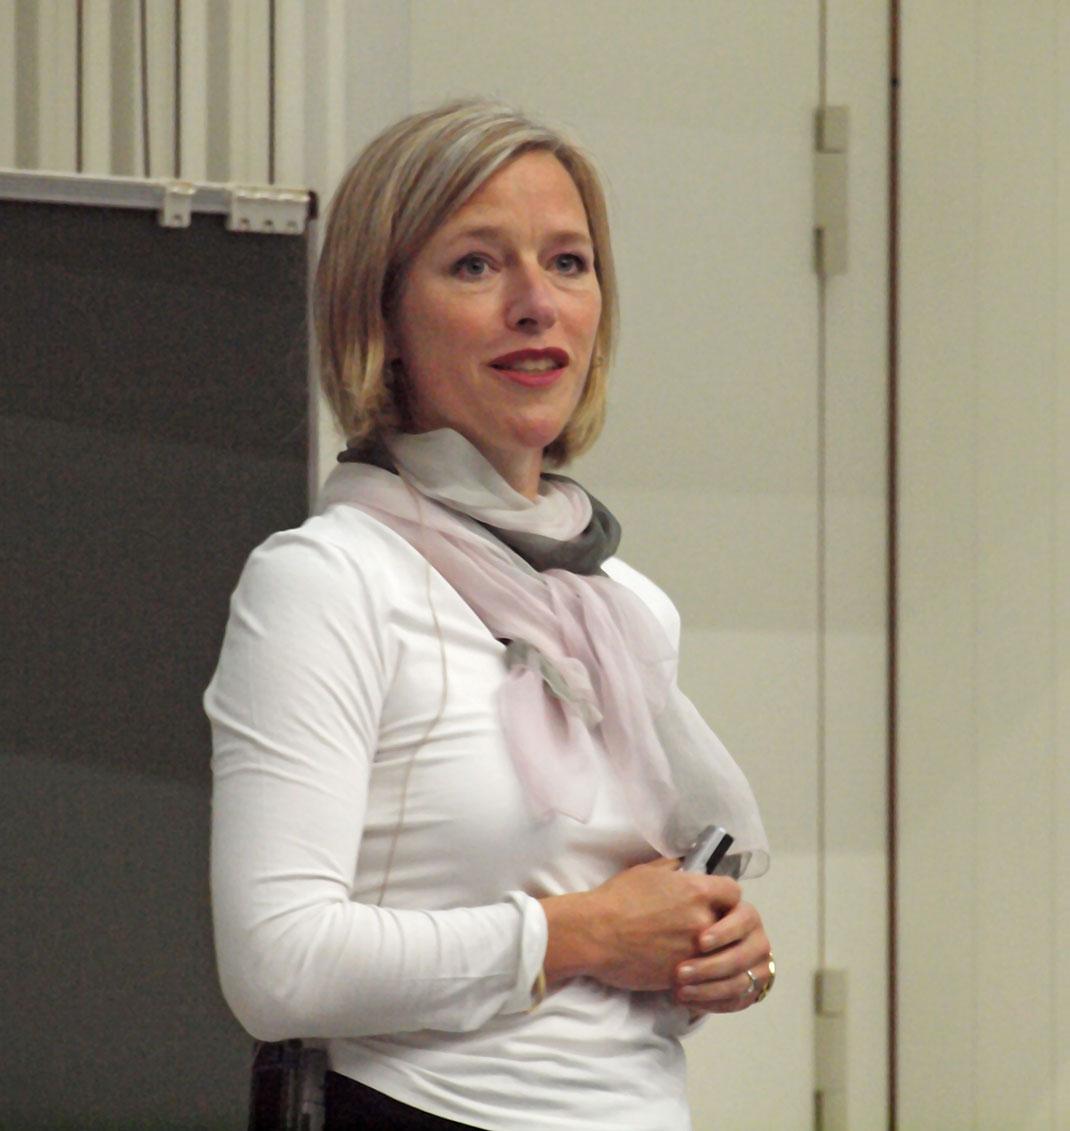 Julia Fischer, biologiste spécialiste des primates